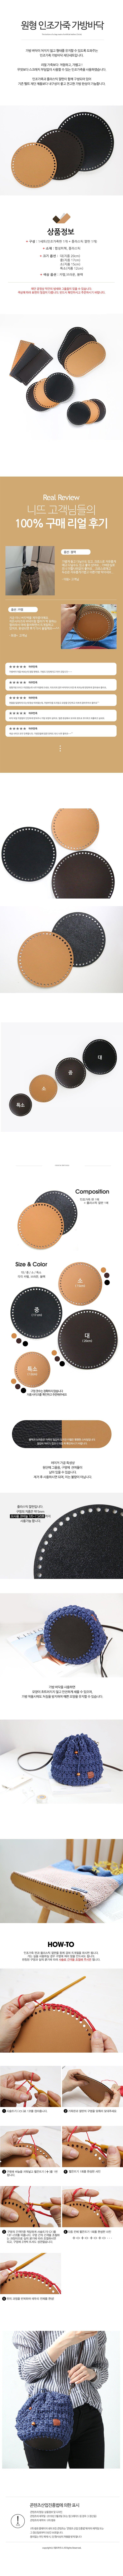 원형 인조가죽 가방바닥 - 니뜨, 4,900원, 뜨개질, 뜨개질 부자재